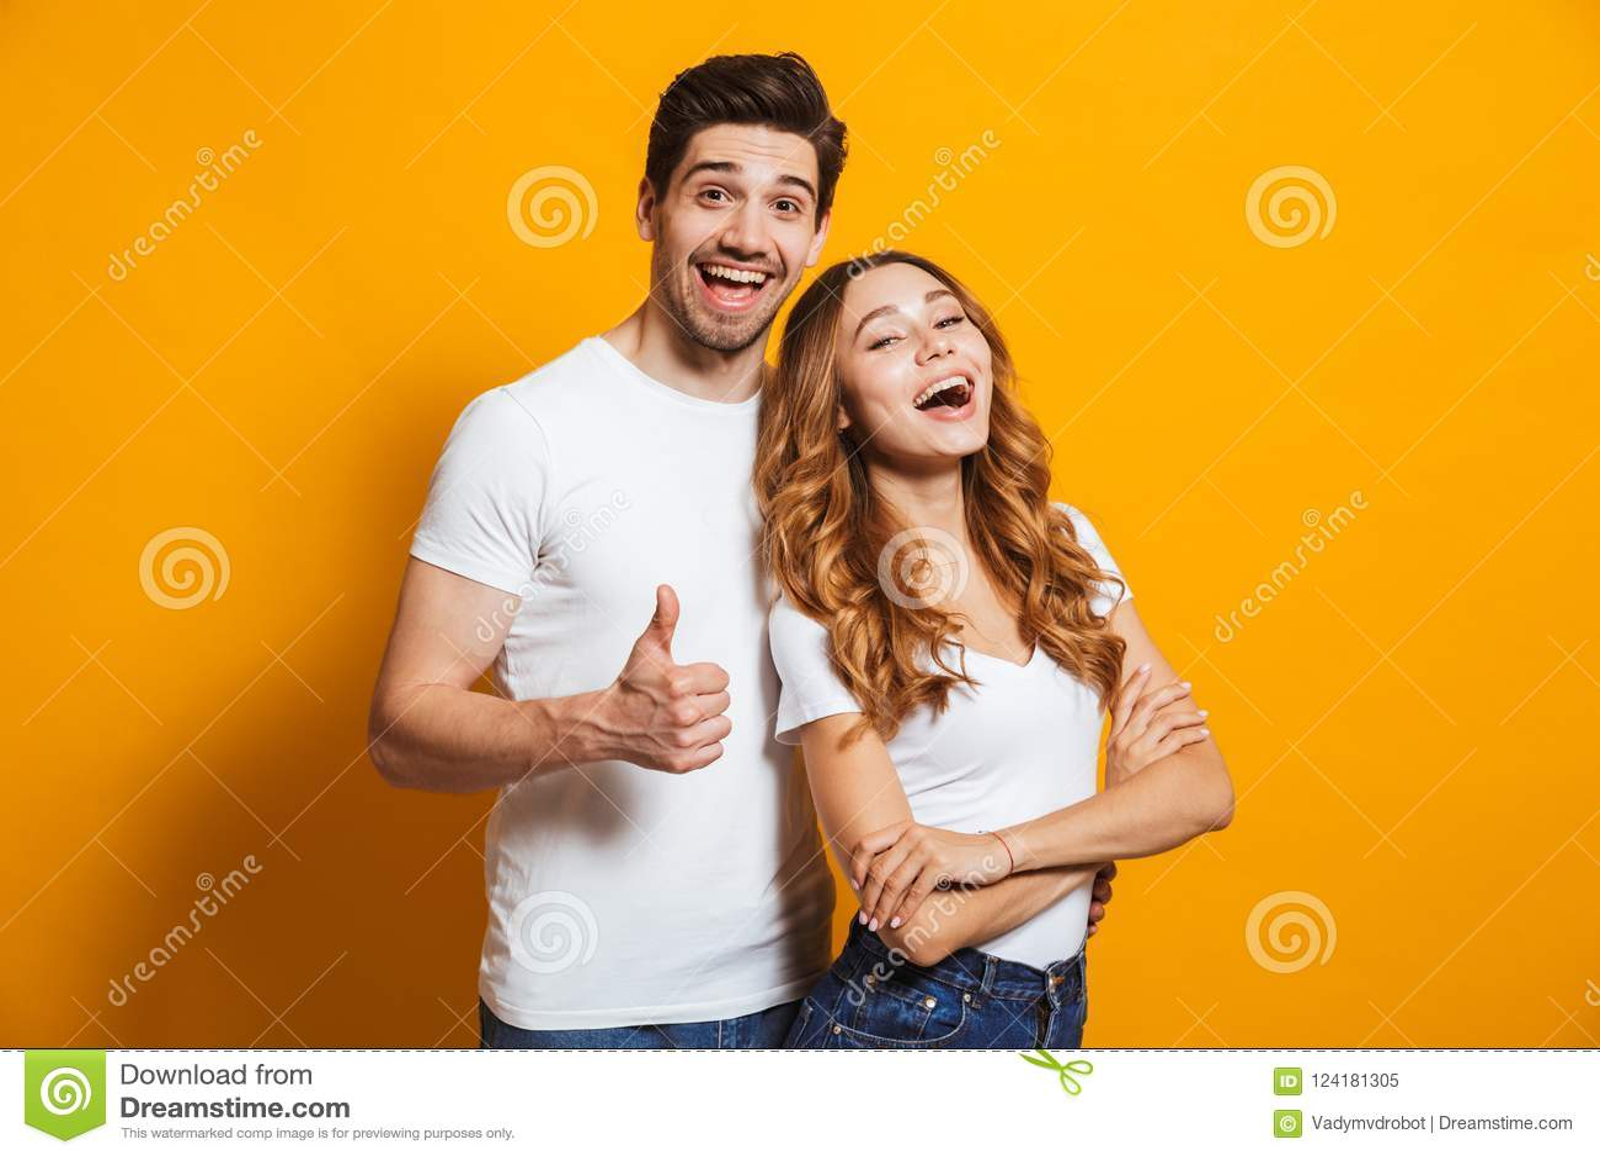 Porträt von frohen Naturen Mann und Frau in grundlegendem Kleidung smil